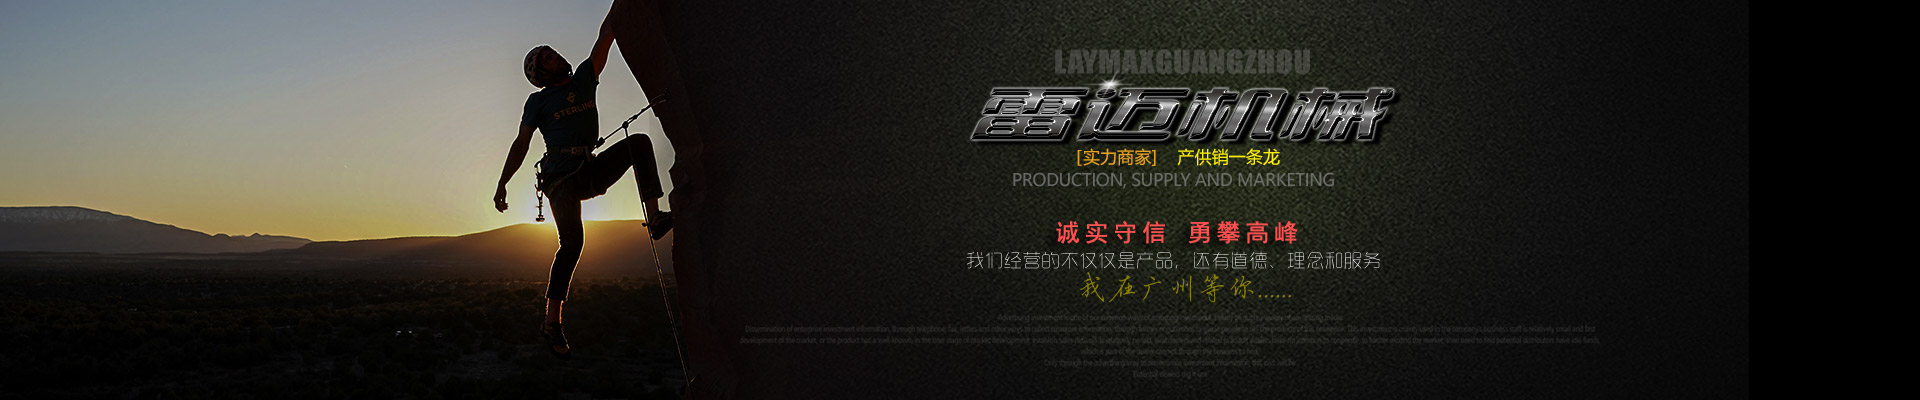 广州雷迈机械设备有限公司